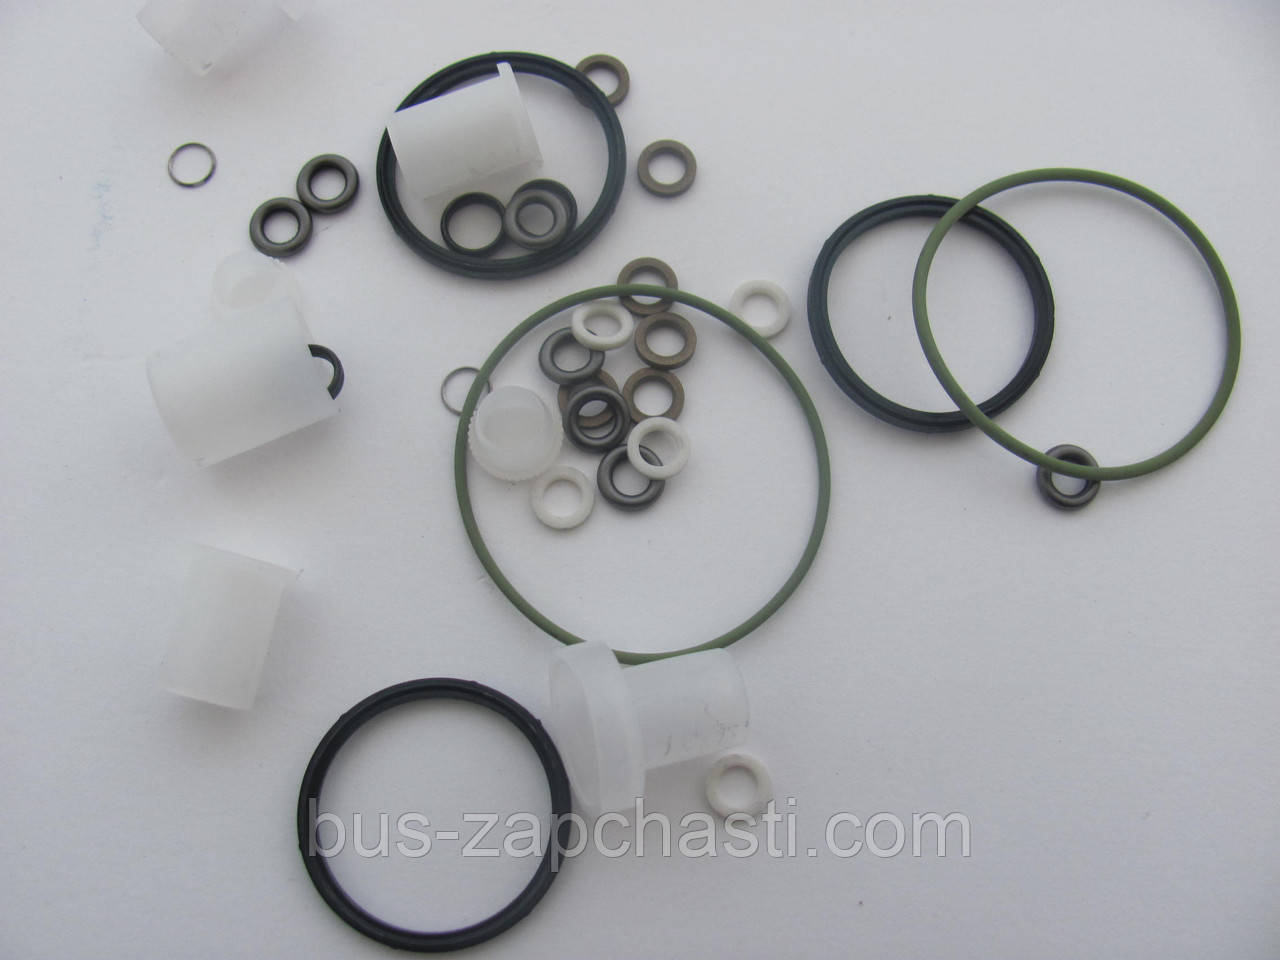 Ремкомплект ТНВД MB Sprinter/ Vito 638 CDI 2000-2006 — Bosch (Германия) — F01M101455